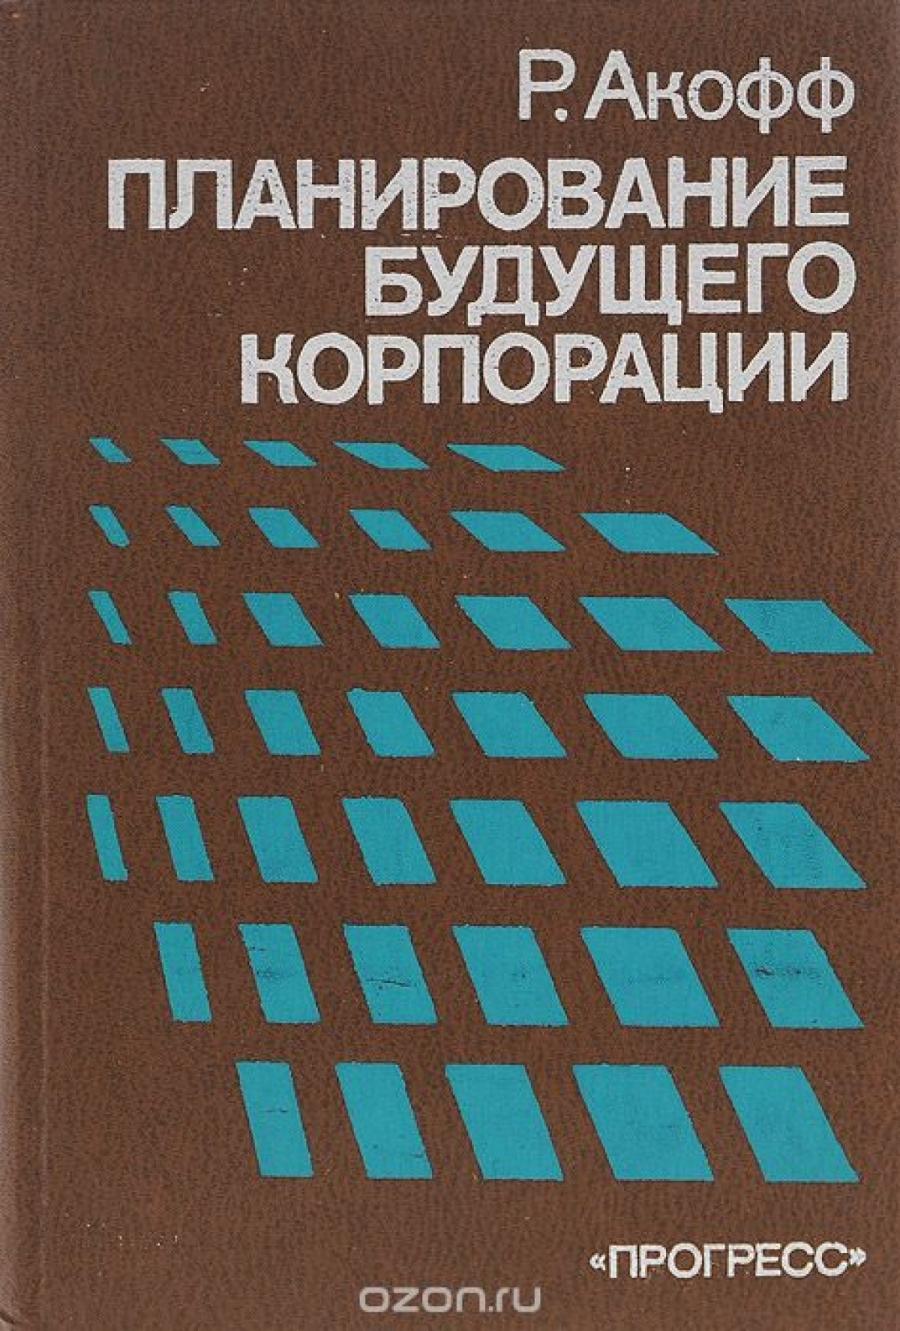 Обложка книги:  акофф р. - планирование будущего корпорации